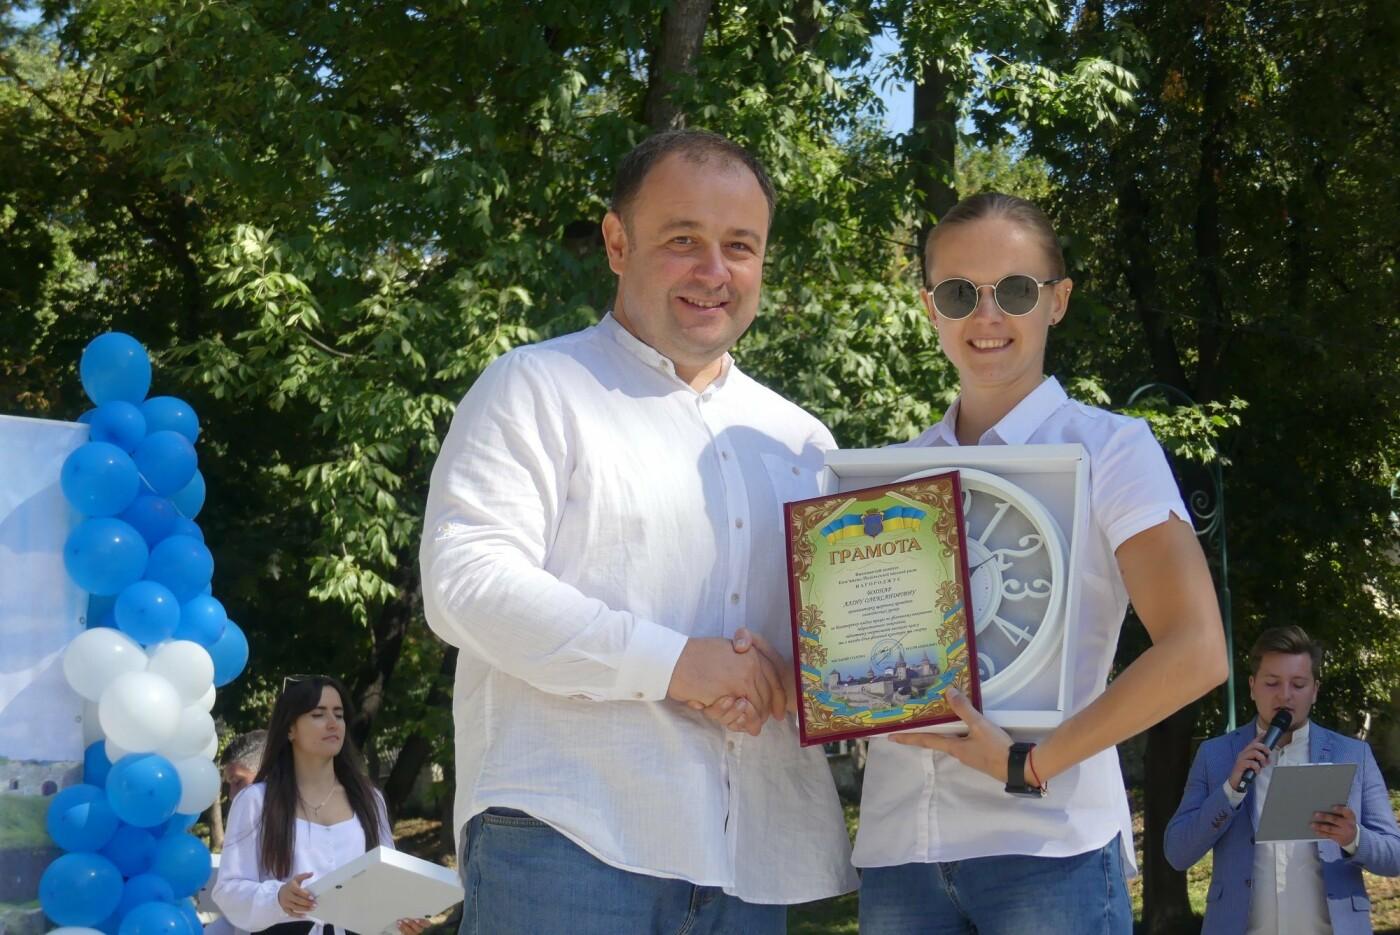 У Кам'янці-Подільському святкували спортивний день, фото-10, Фото: Кам'янець-Подільська міська рада